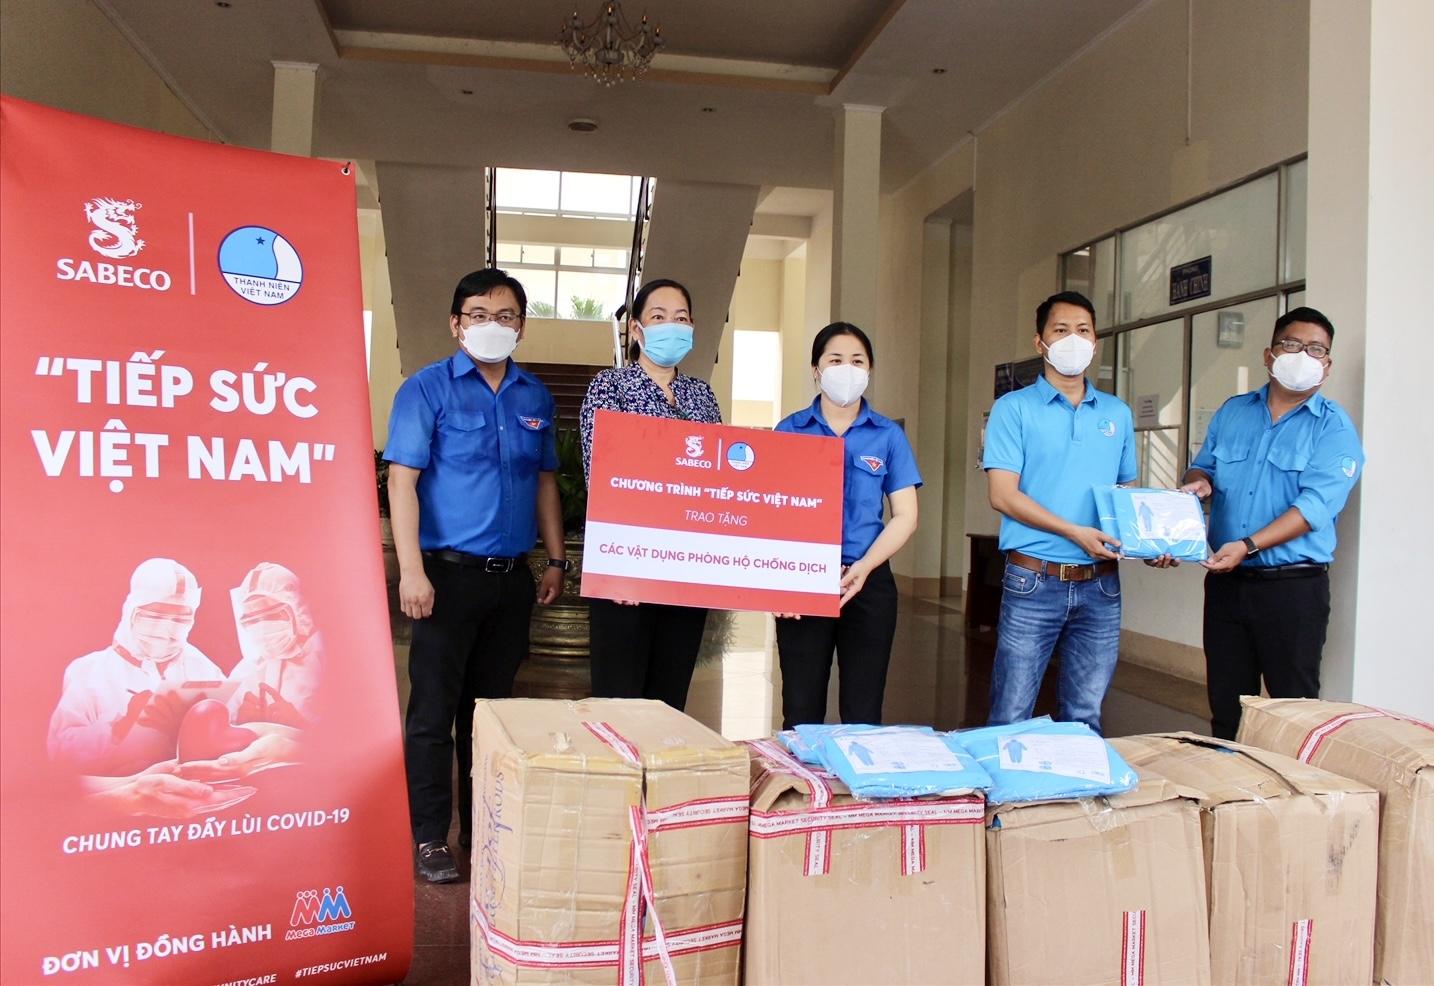 Trao vật dụng y tế cho UBND quận Bình Thủy, TP. Cần Thơ